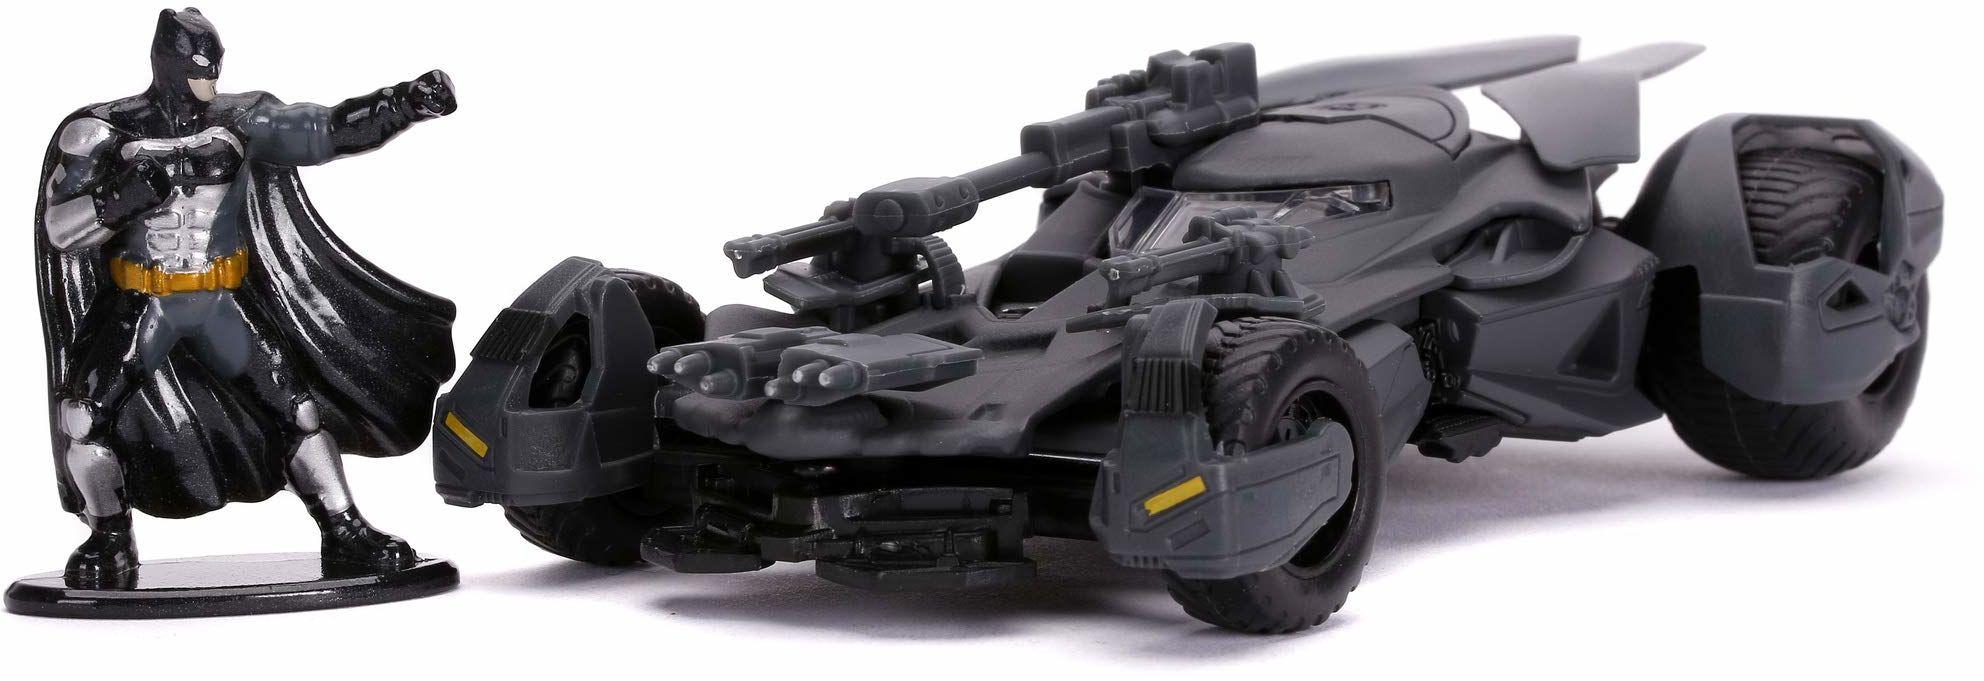 Jada Toys 253213005 Justice League Batmobile, zabawkowy samochód, otwierane drzwi, Die-Cast, wraz z figurką Batmana, skala 1:32, szary, czarny